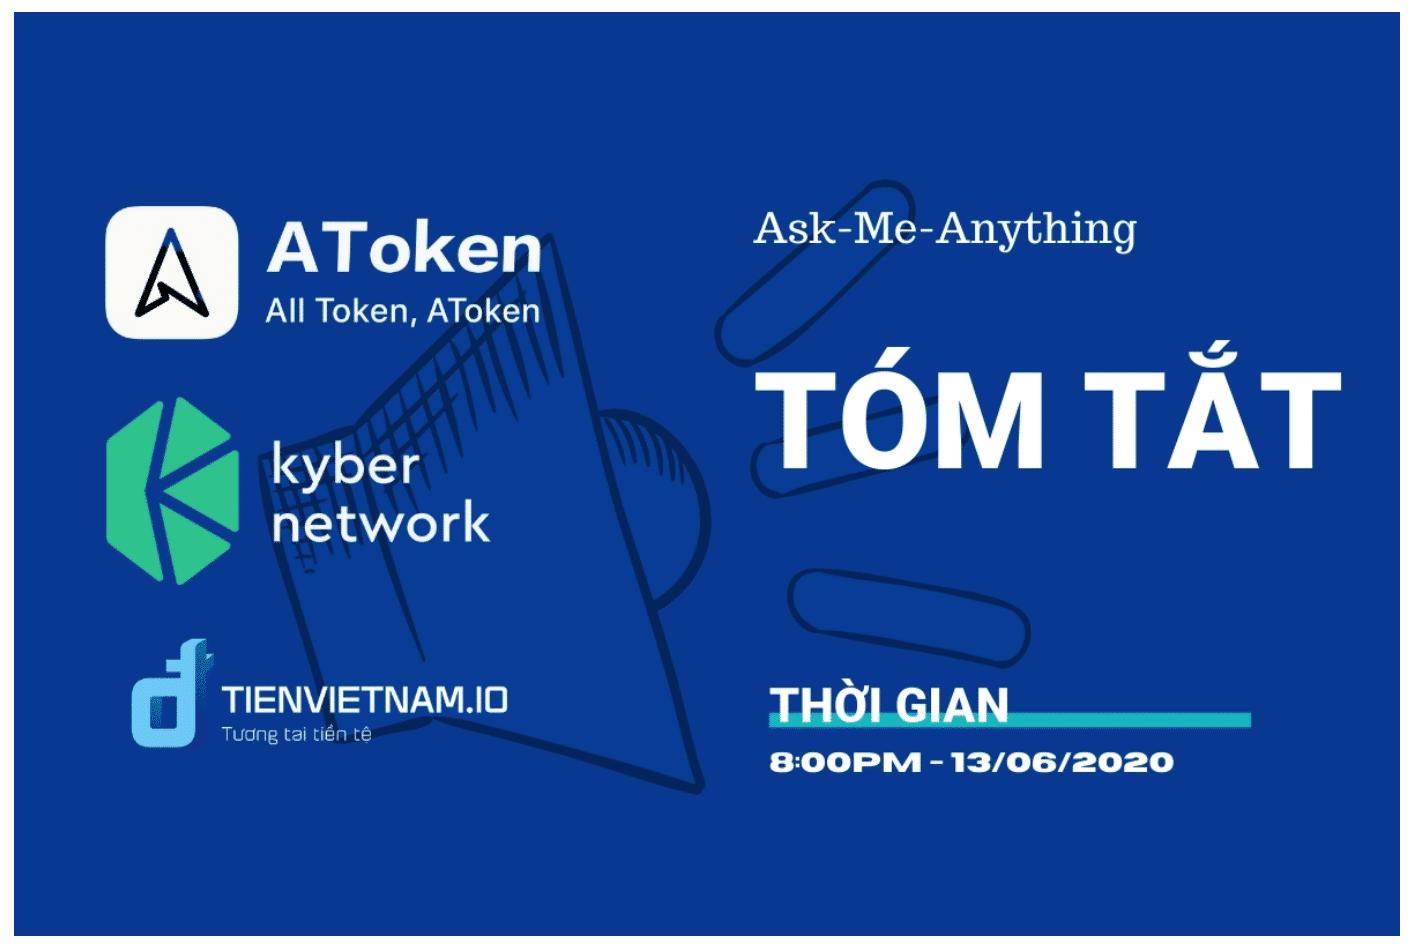 AMA AToken - Kyber Networ